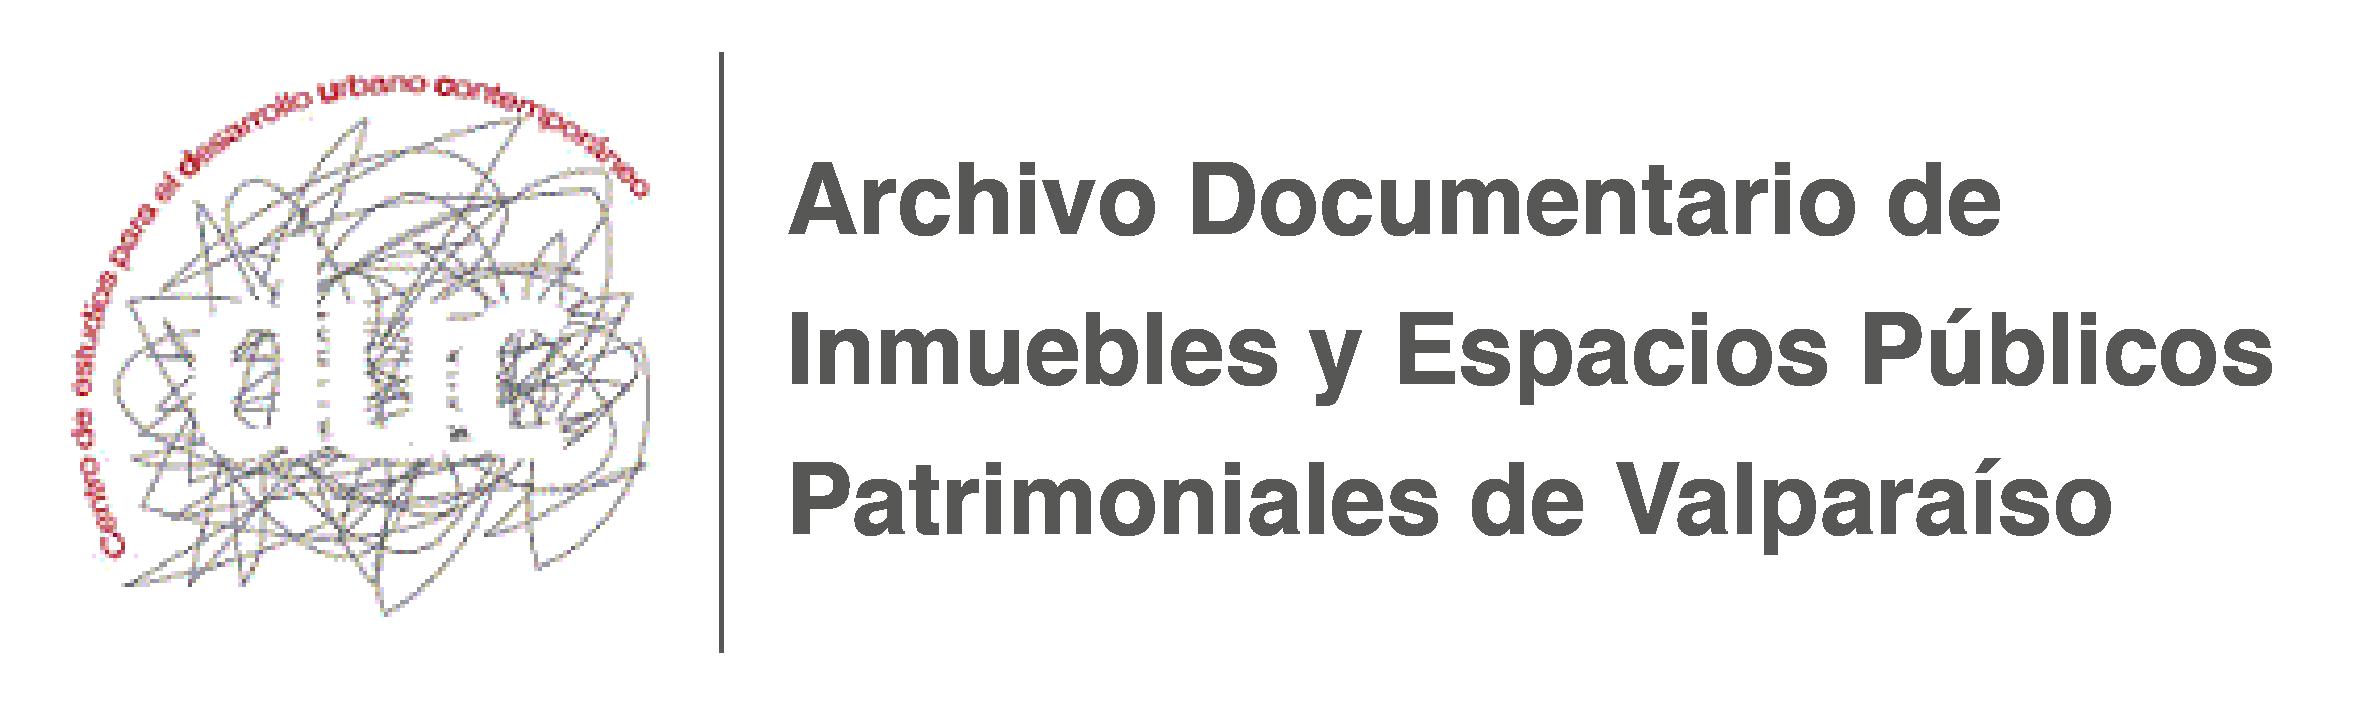 Archivo Documentario de Inmuebles y Espacios públicos patrimoniales de Valparaíso